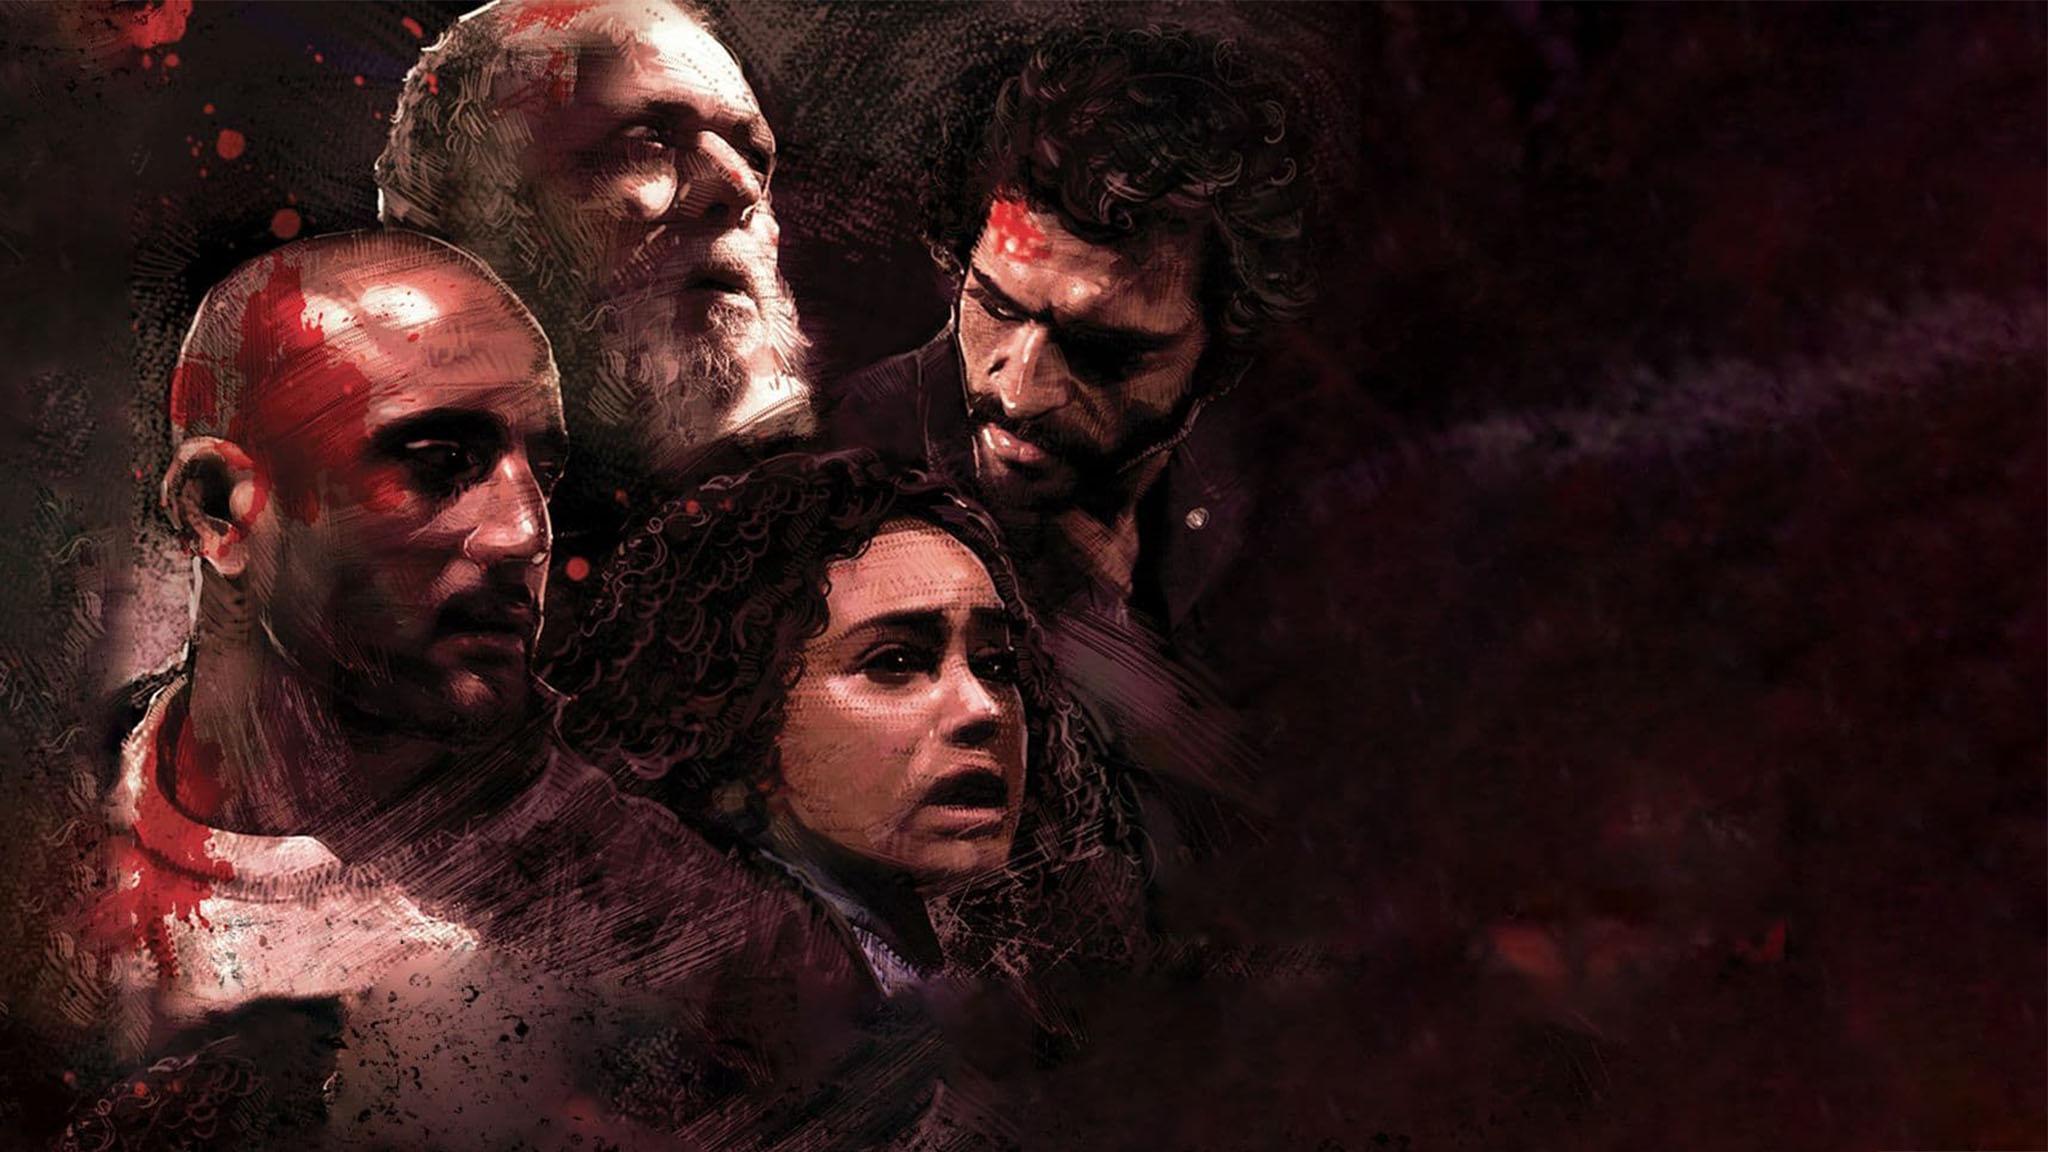 فيلم ابراهيم الابيض 2009